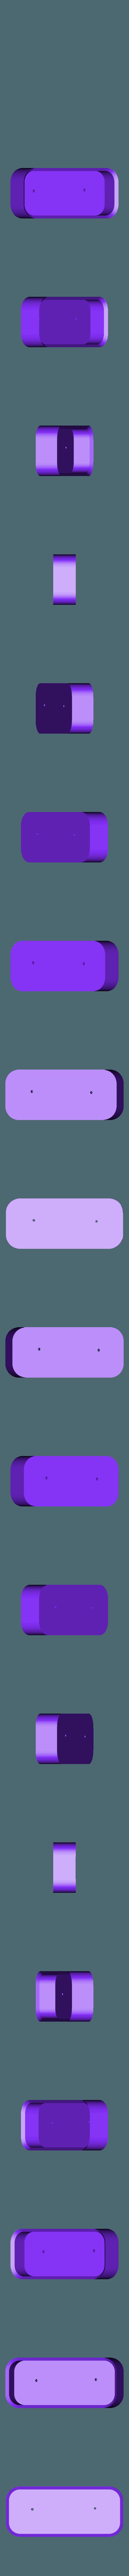 Simple_and_Large.stl Télécharger fichier STL gratuit Simple et grand • Objet à imprimer en 3D, Isi8Bit